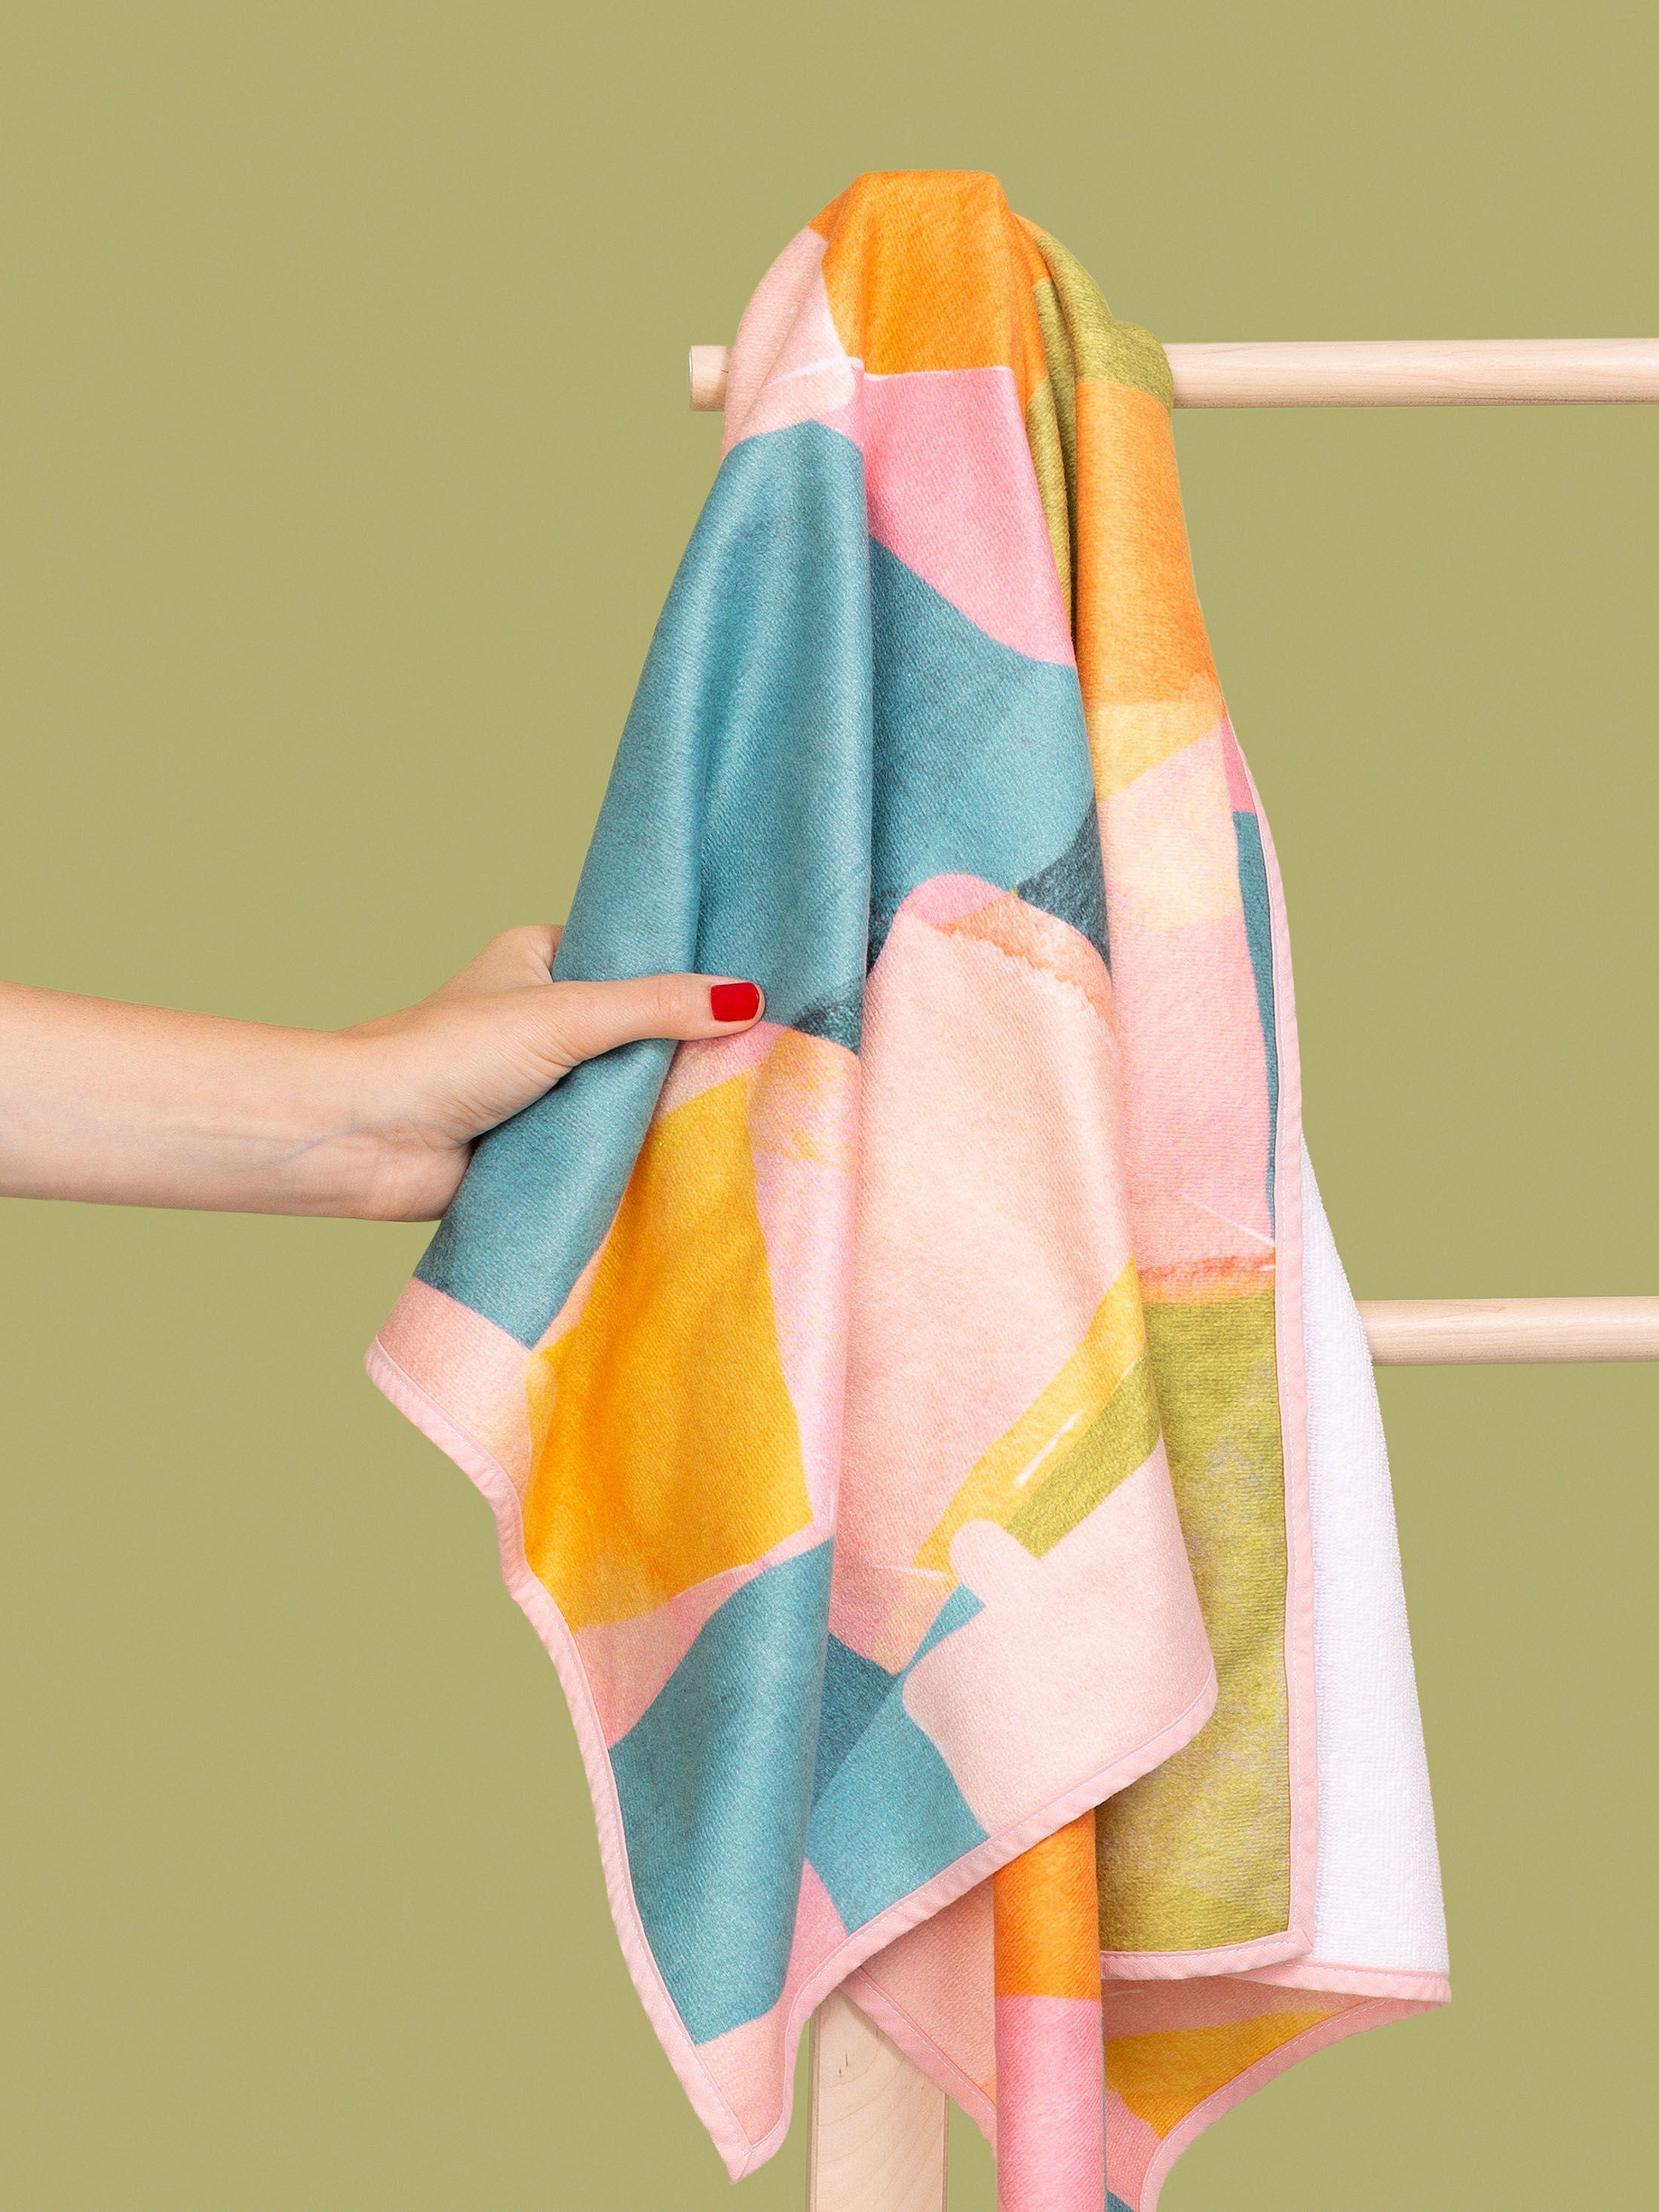 Bordure blanc crème sur la serviette de bain personnalisée